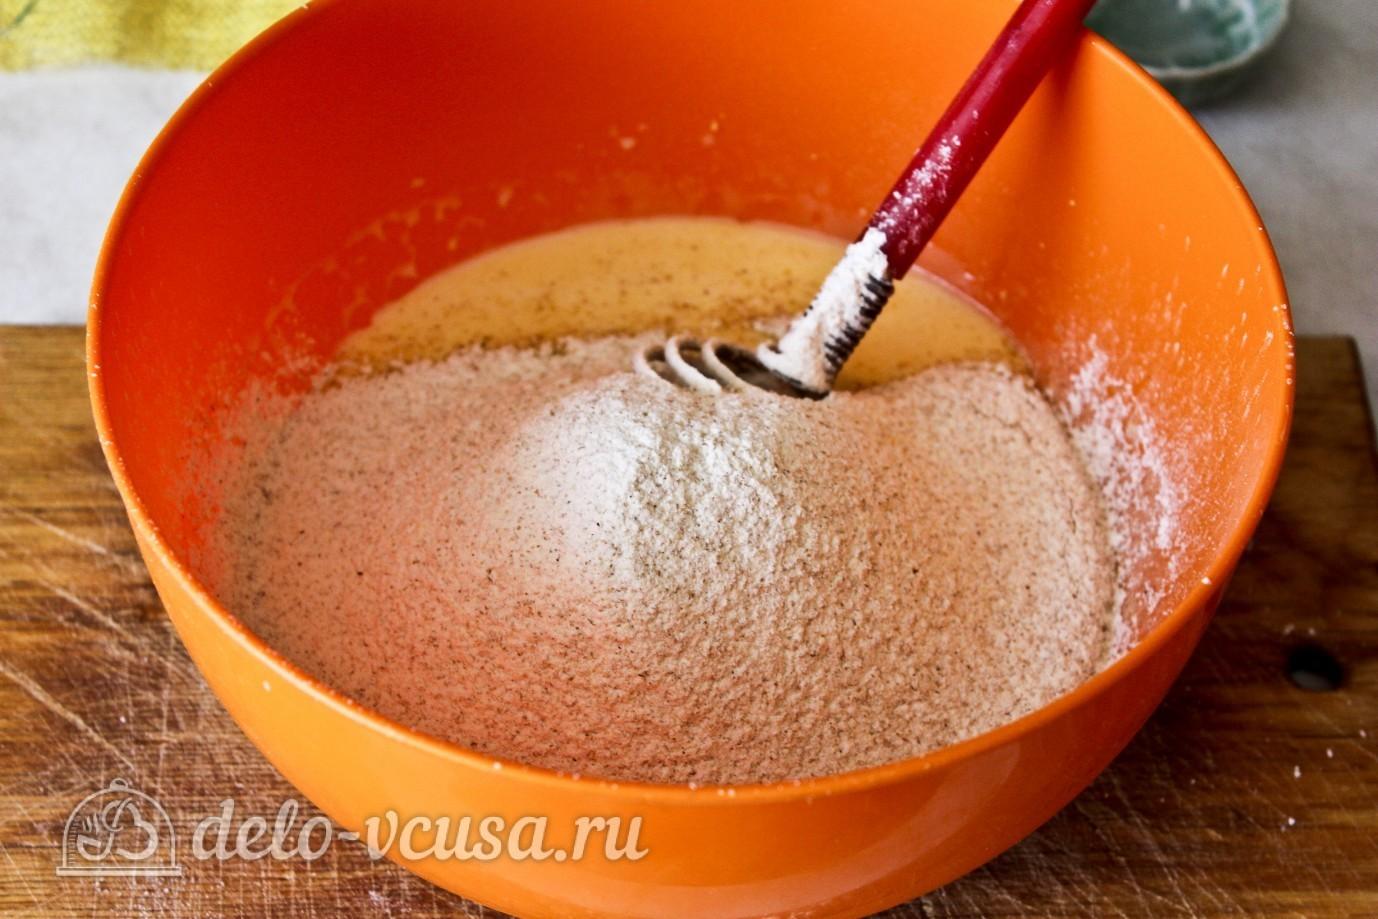 Оладья из ряженки рецепт пошагово